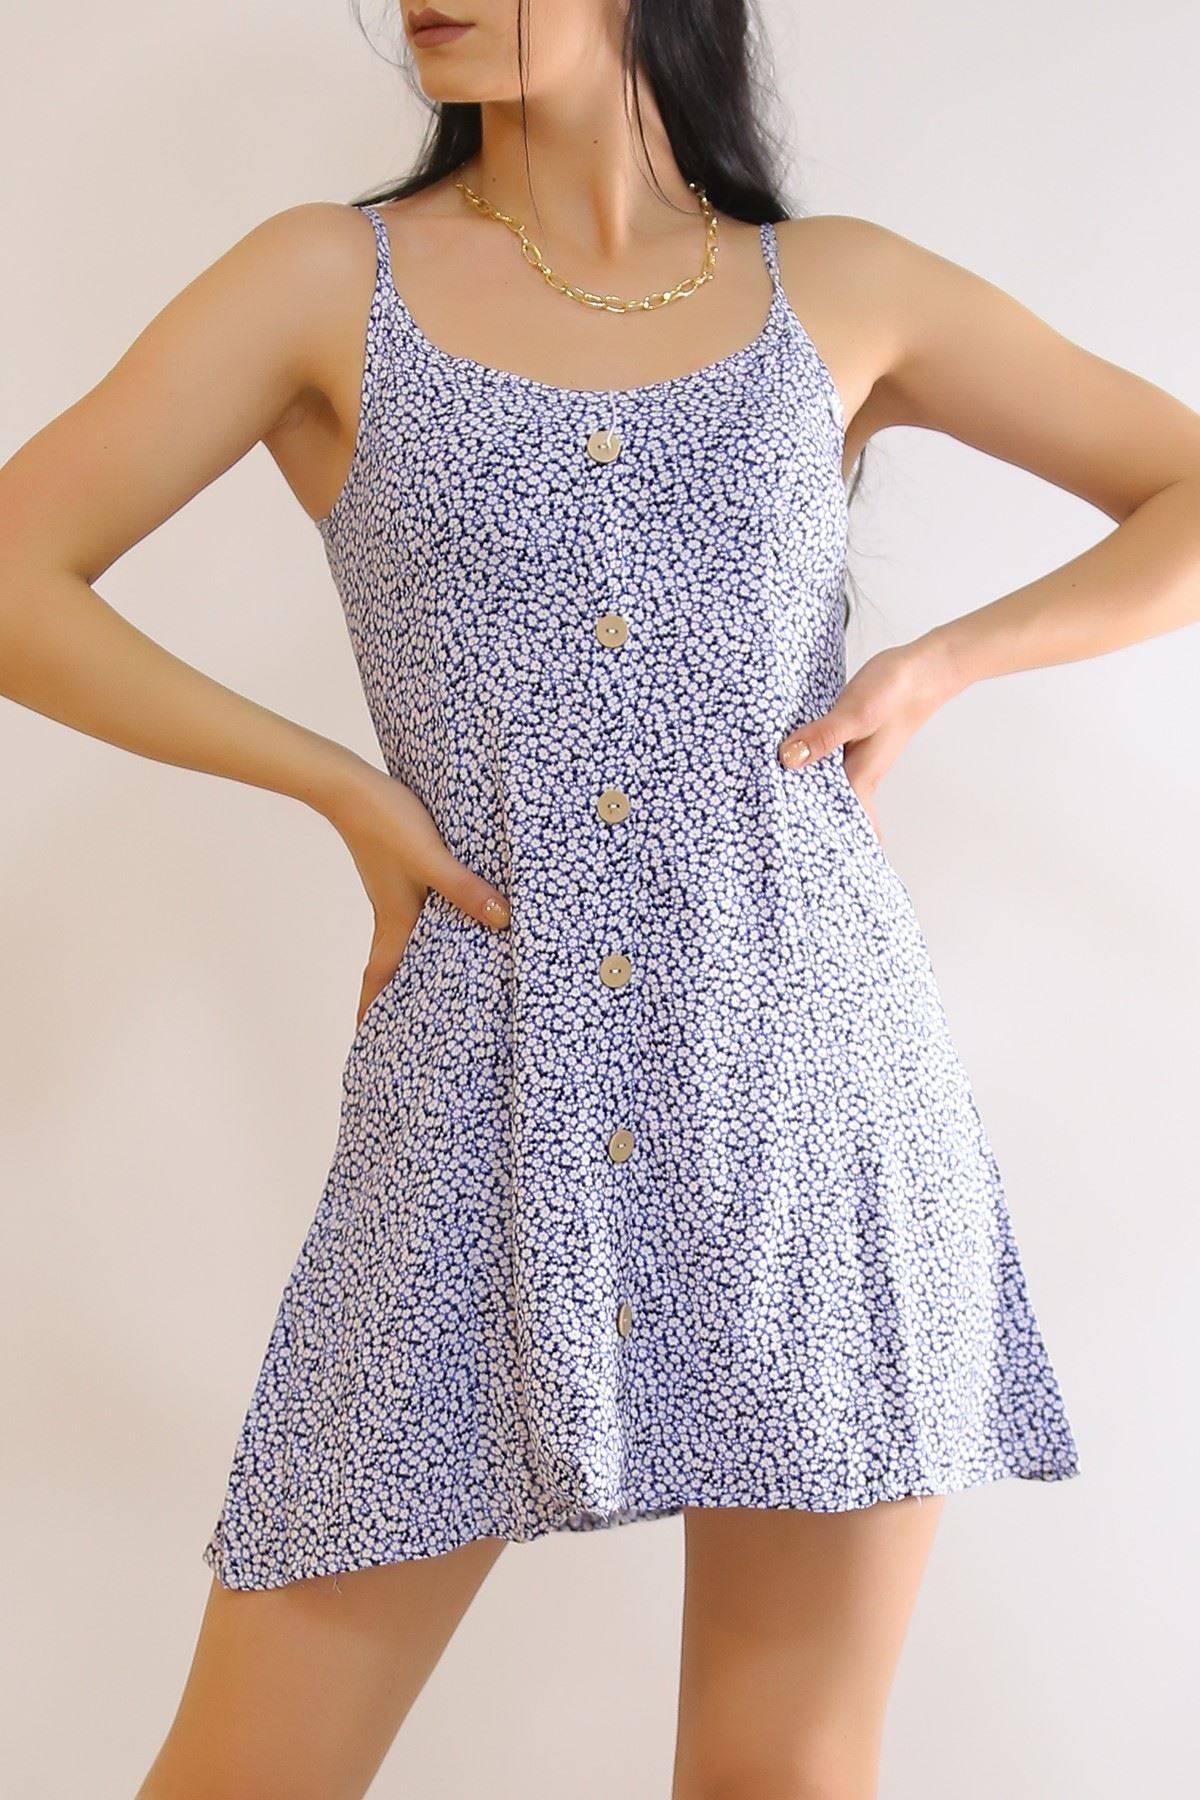 İp Askılı Elbise Mavi - 6079.1153.